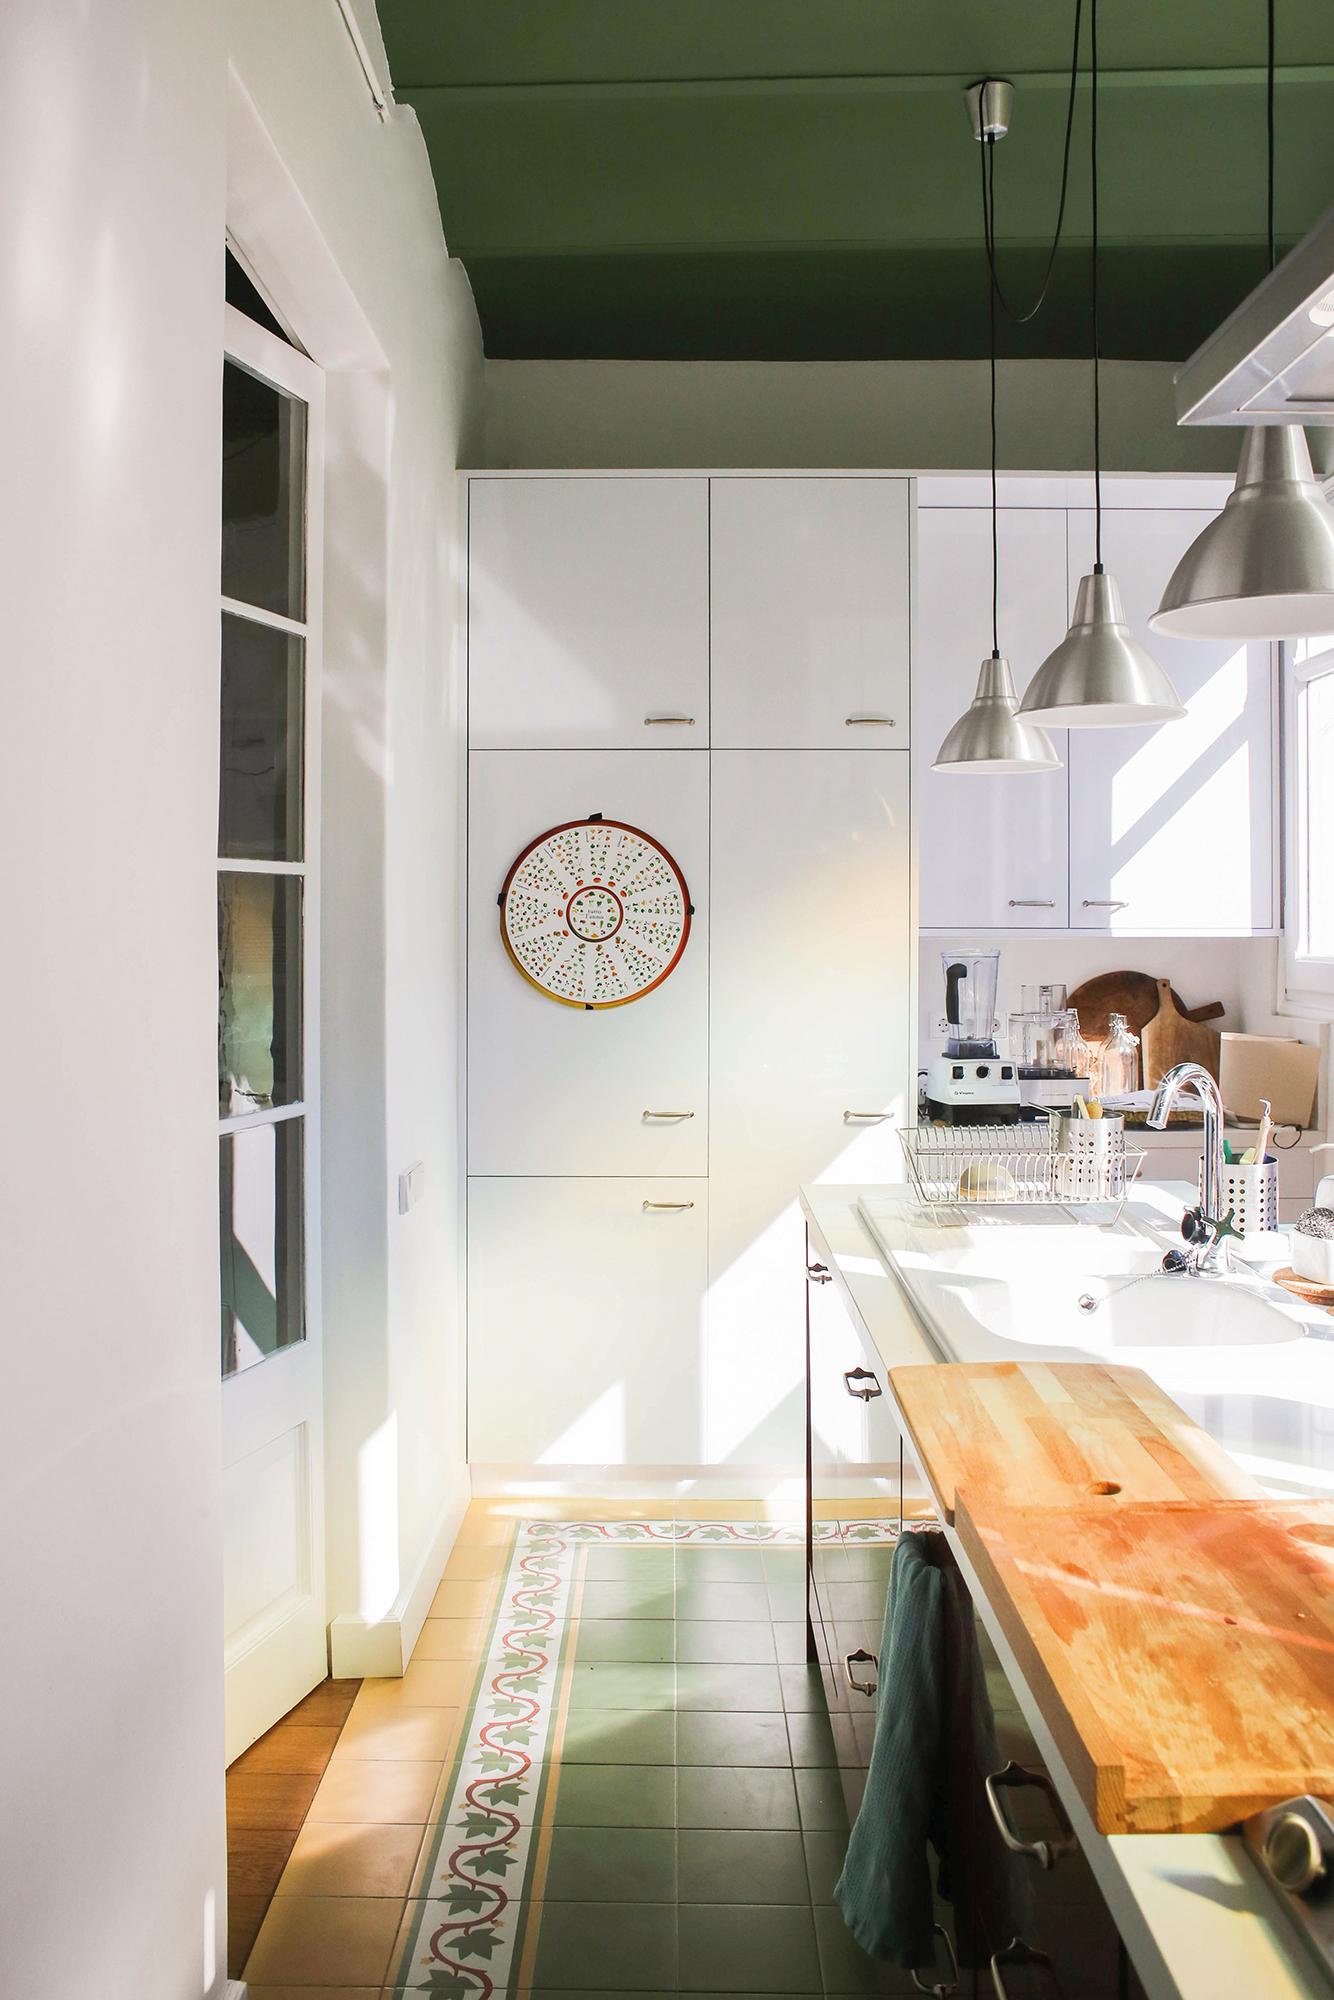 Muebles de cocina elmueble for Muebles de cocina hasta el techo